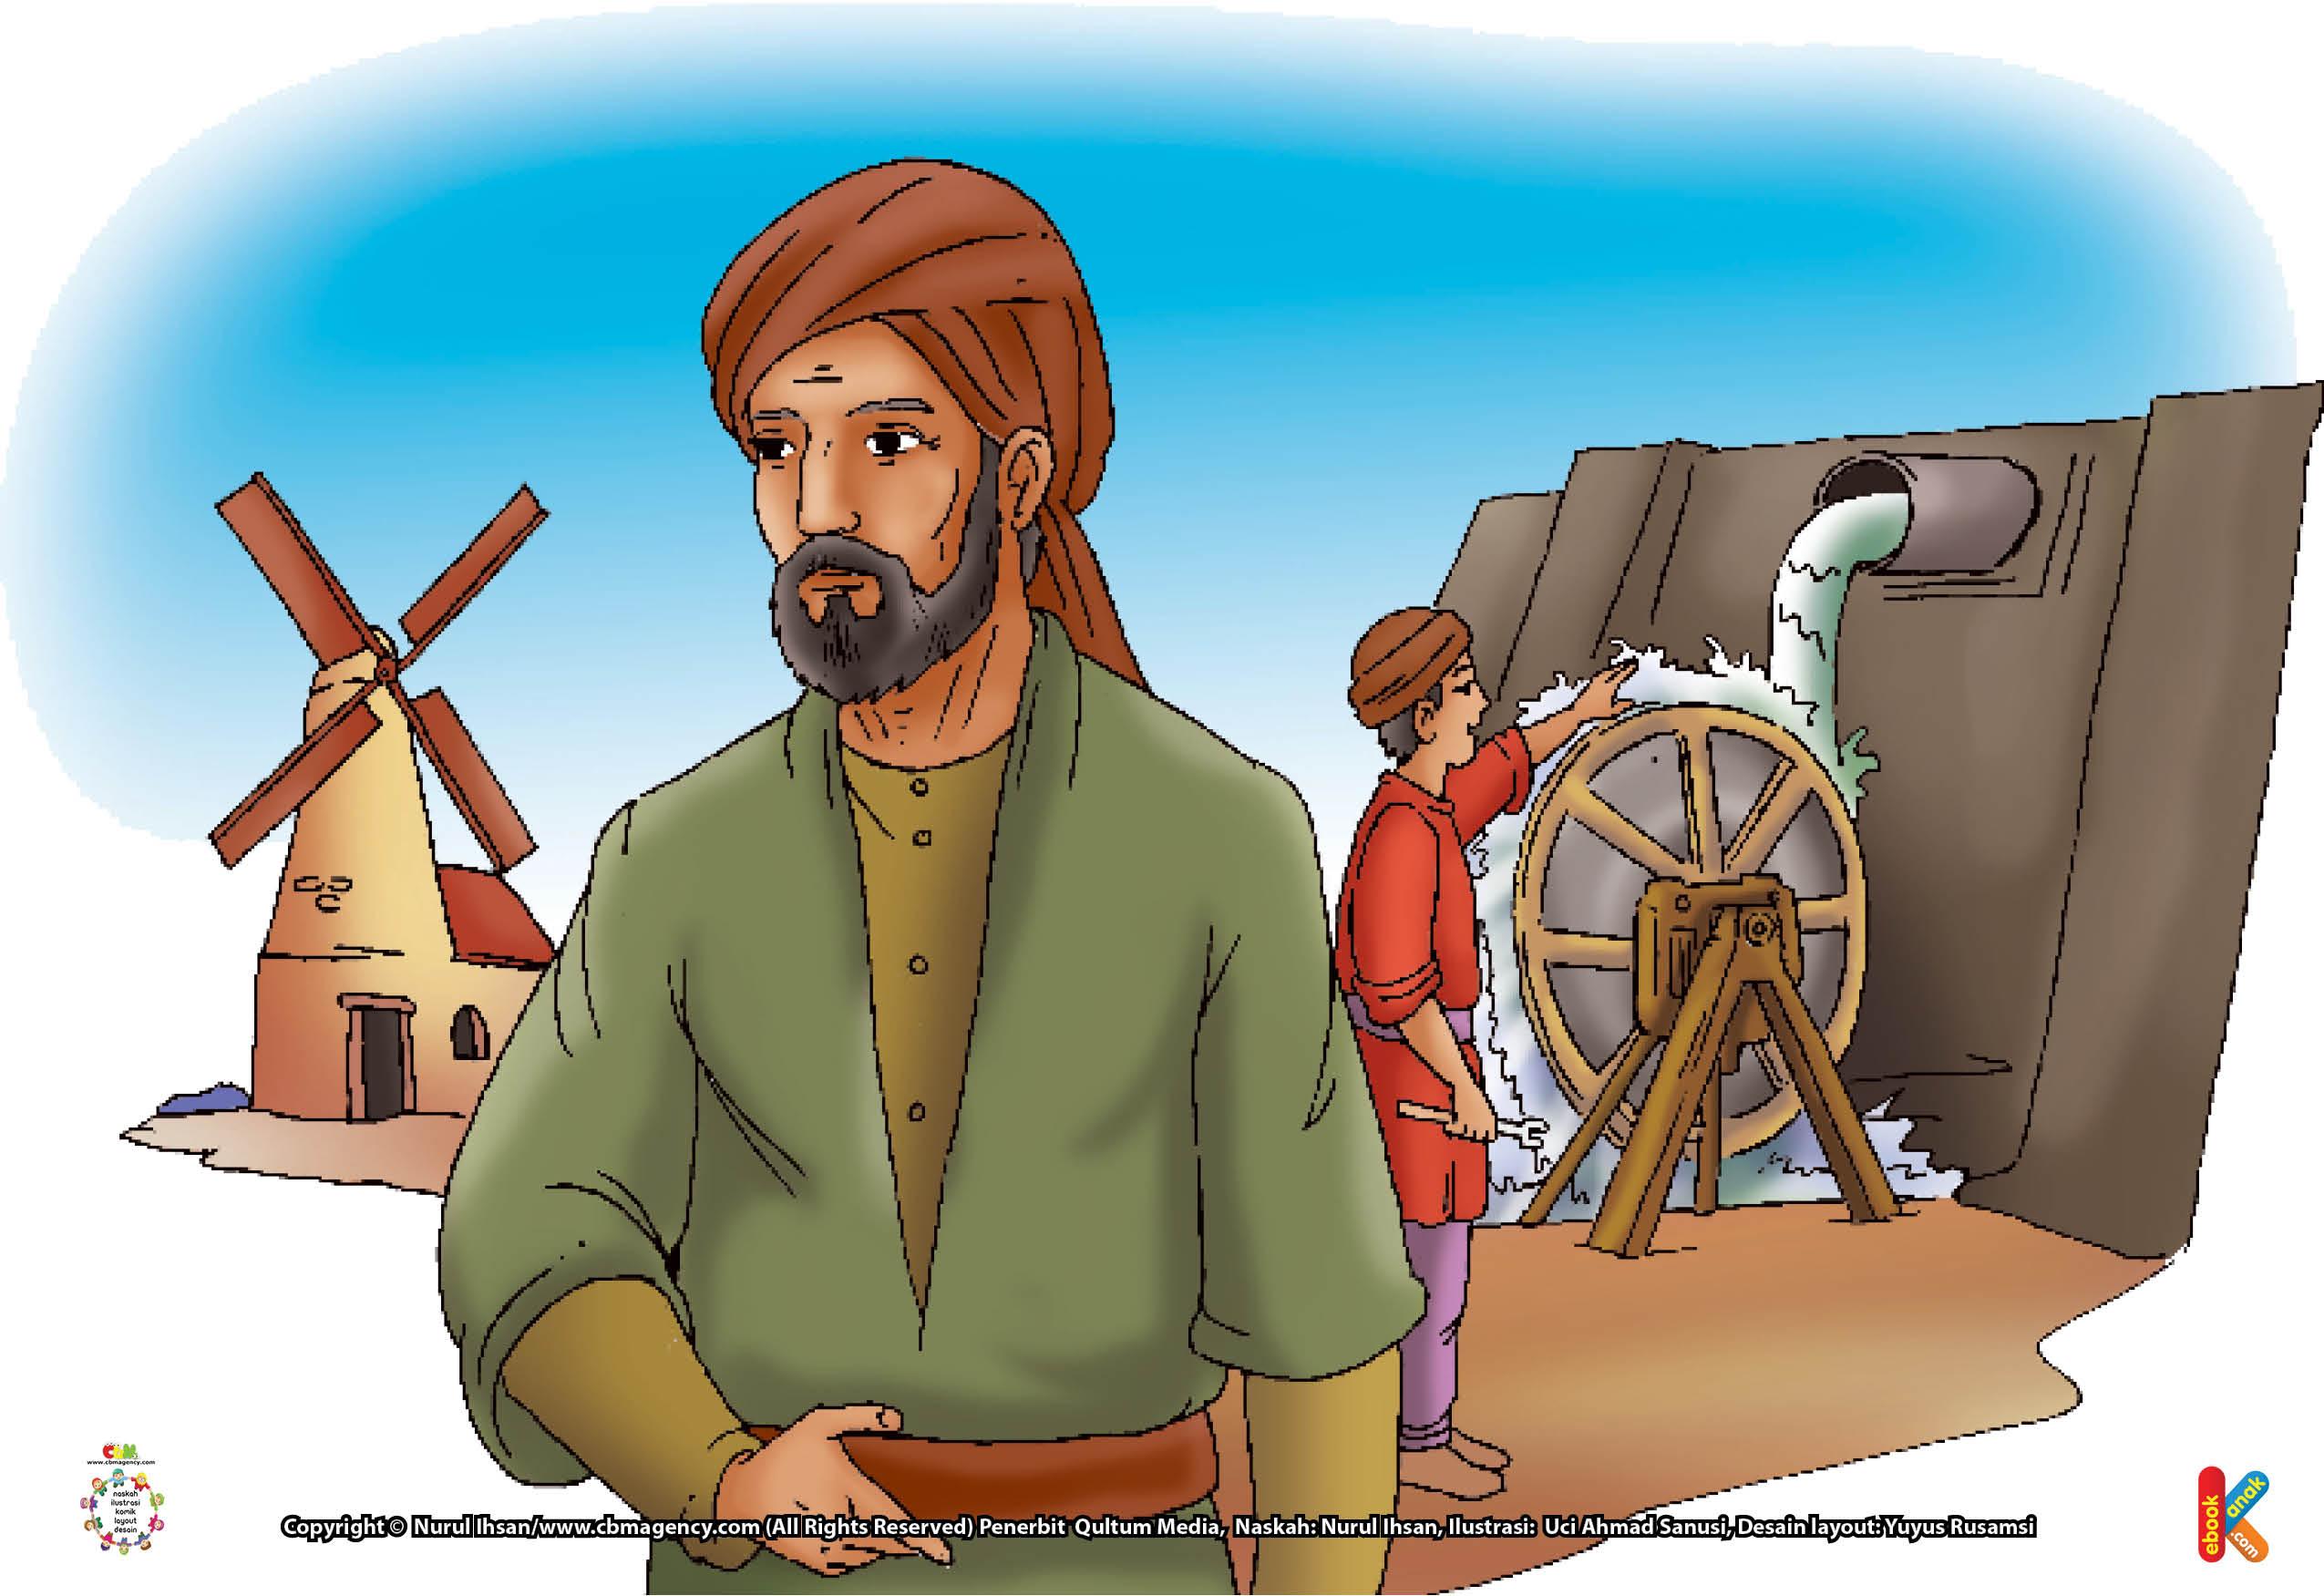 Al-Jazari mendapat julukan sebagai Bapak Engineering Modern berkat temuan-temuannya yang banyak memengaruhi rancangan mesin-mesin modern saat itu.